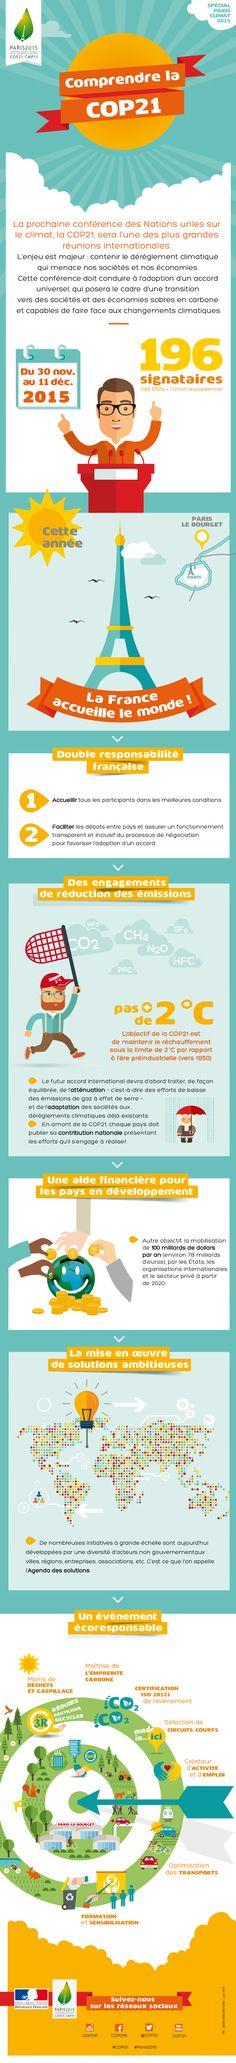 Infographie : Comprendre la COP 21 - Ministère du Développement durable